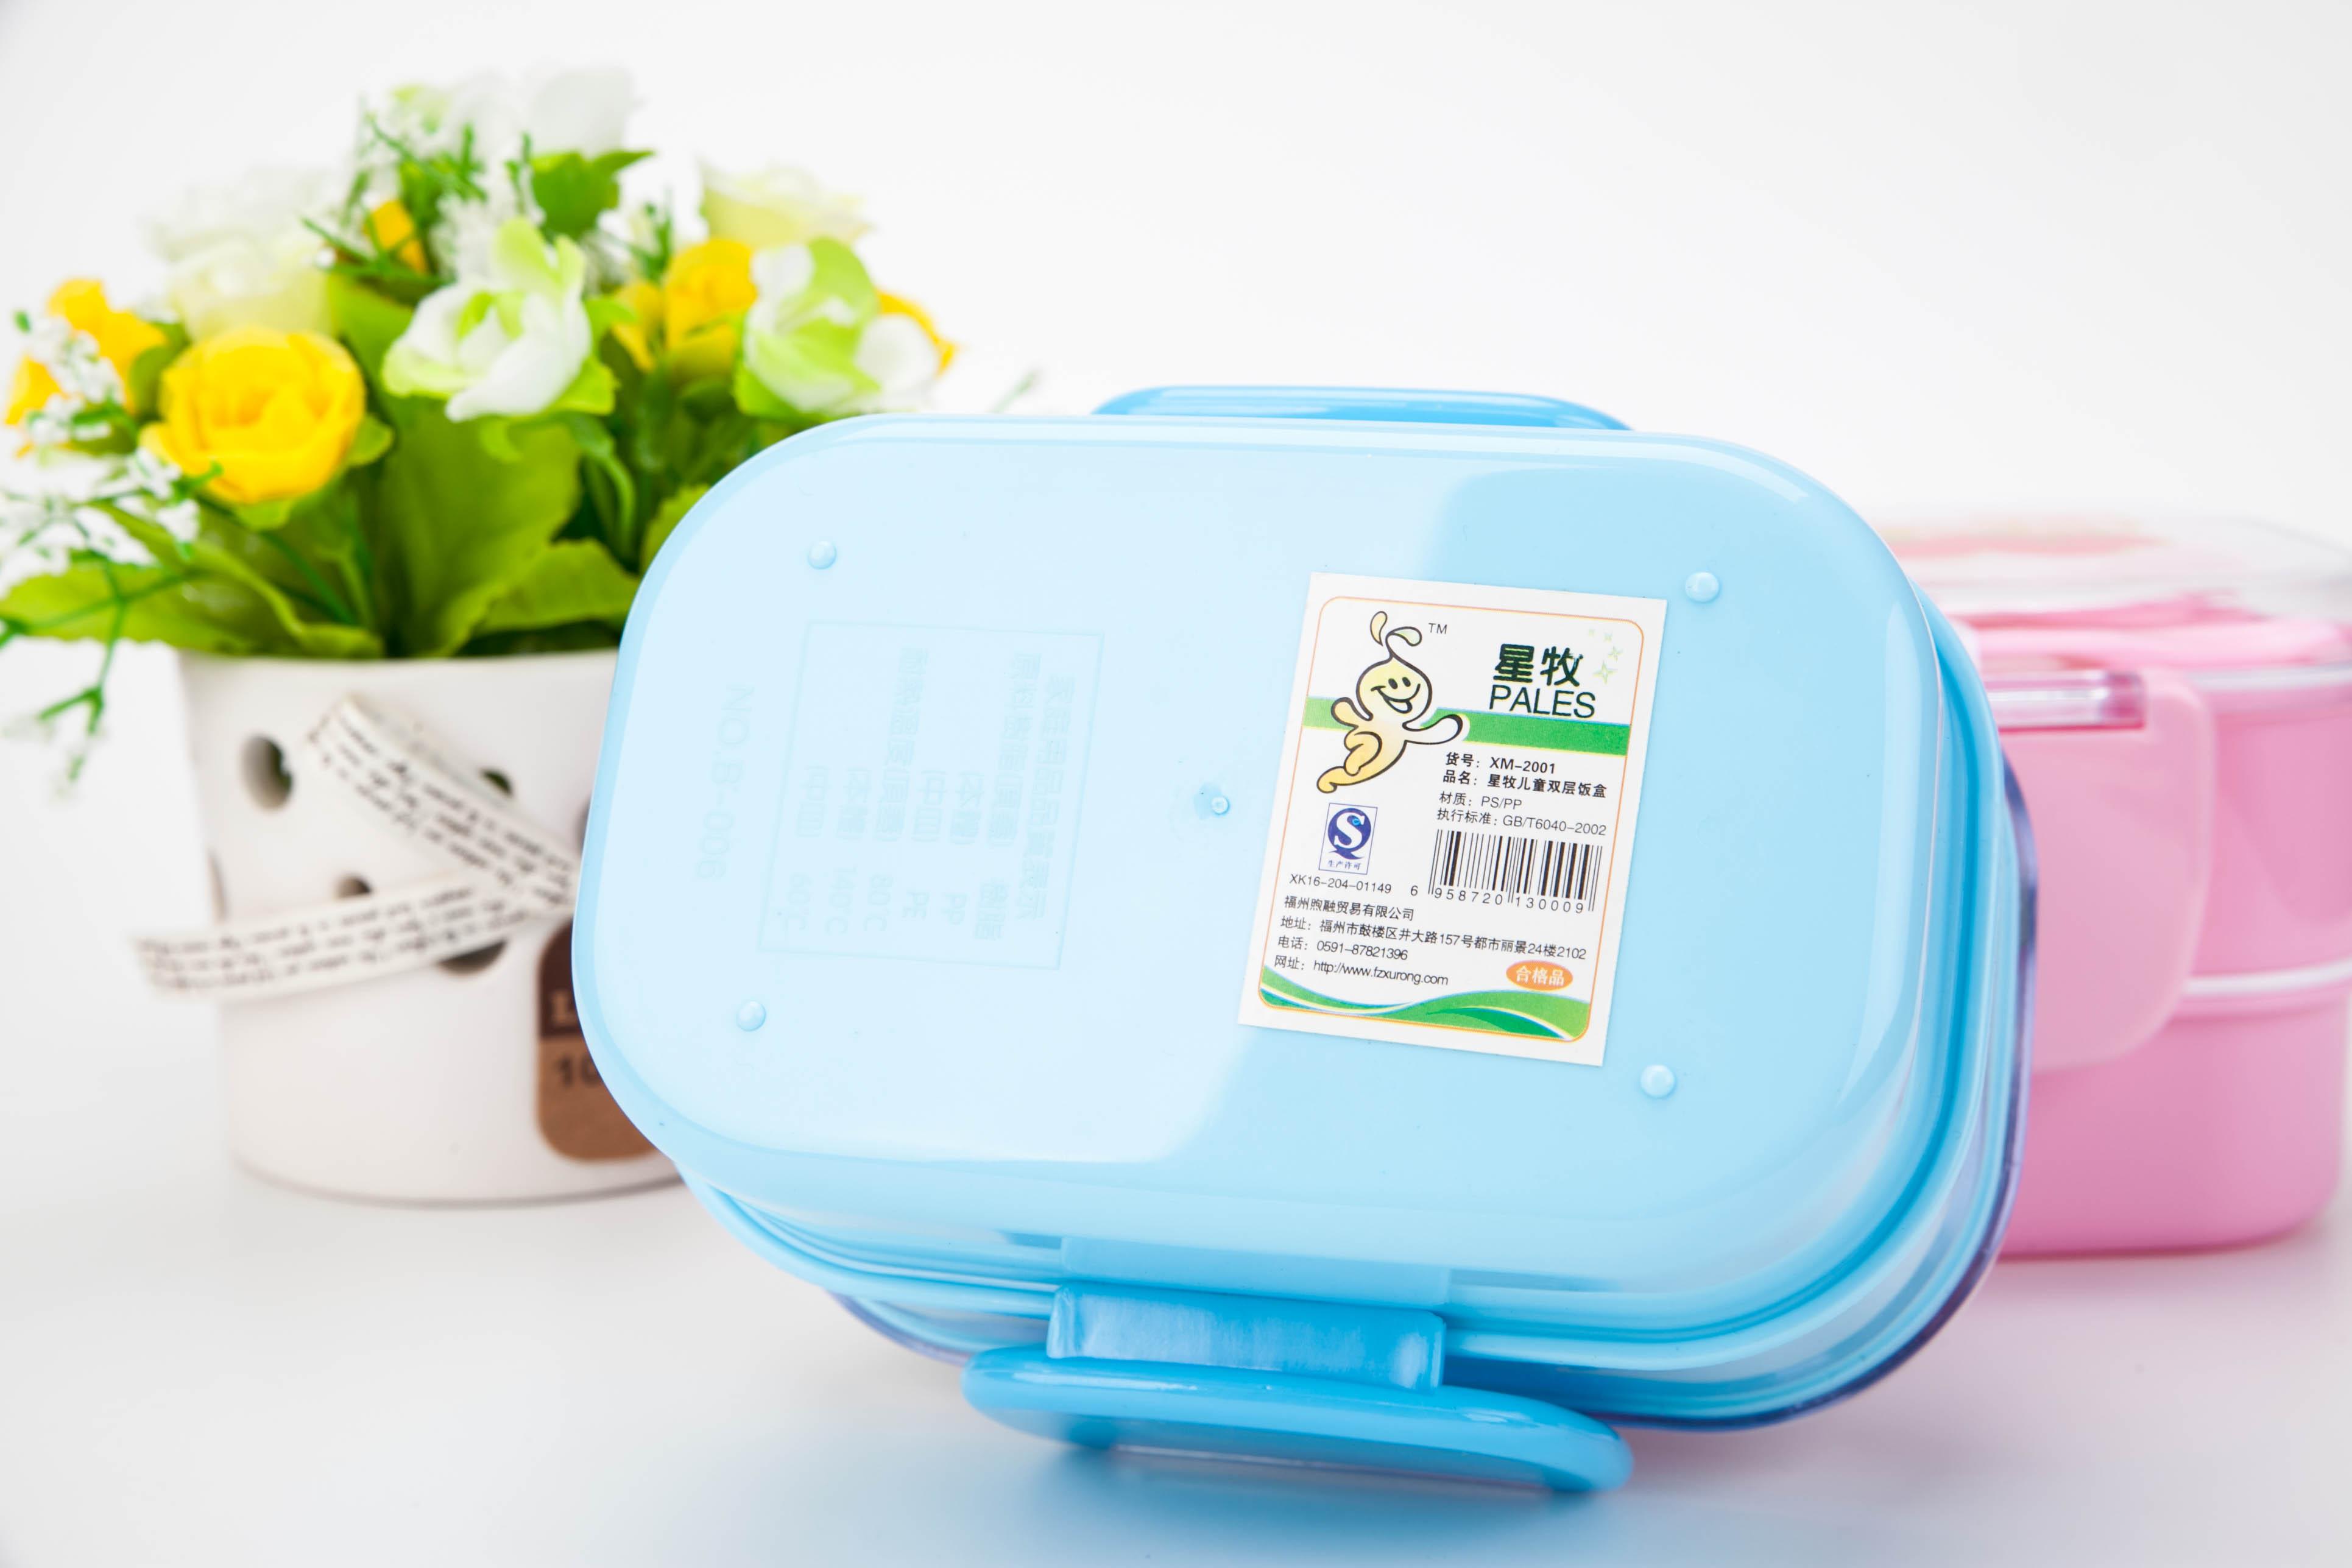 塑料可爱饭盒双层学生饭盒儿童饭盒便当盒餐盒